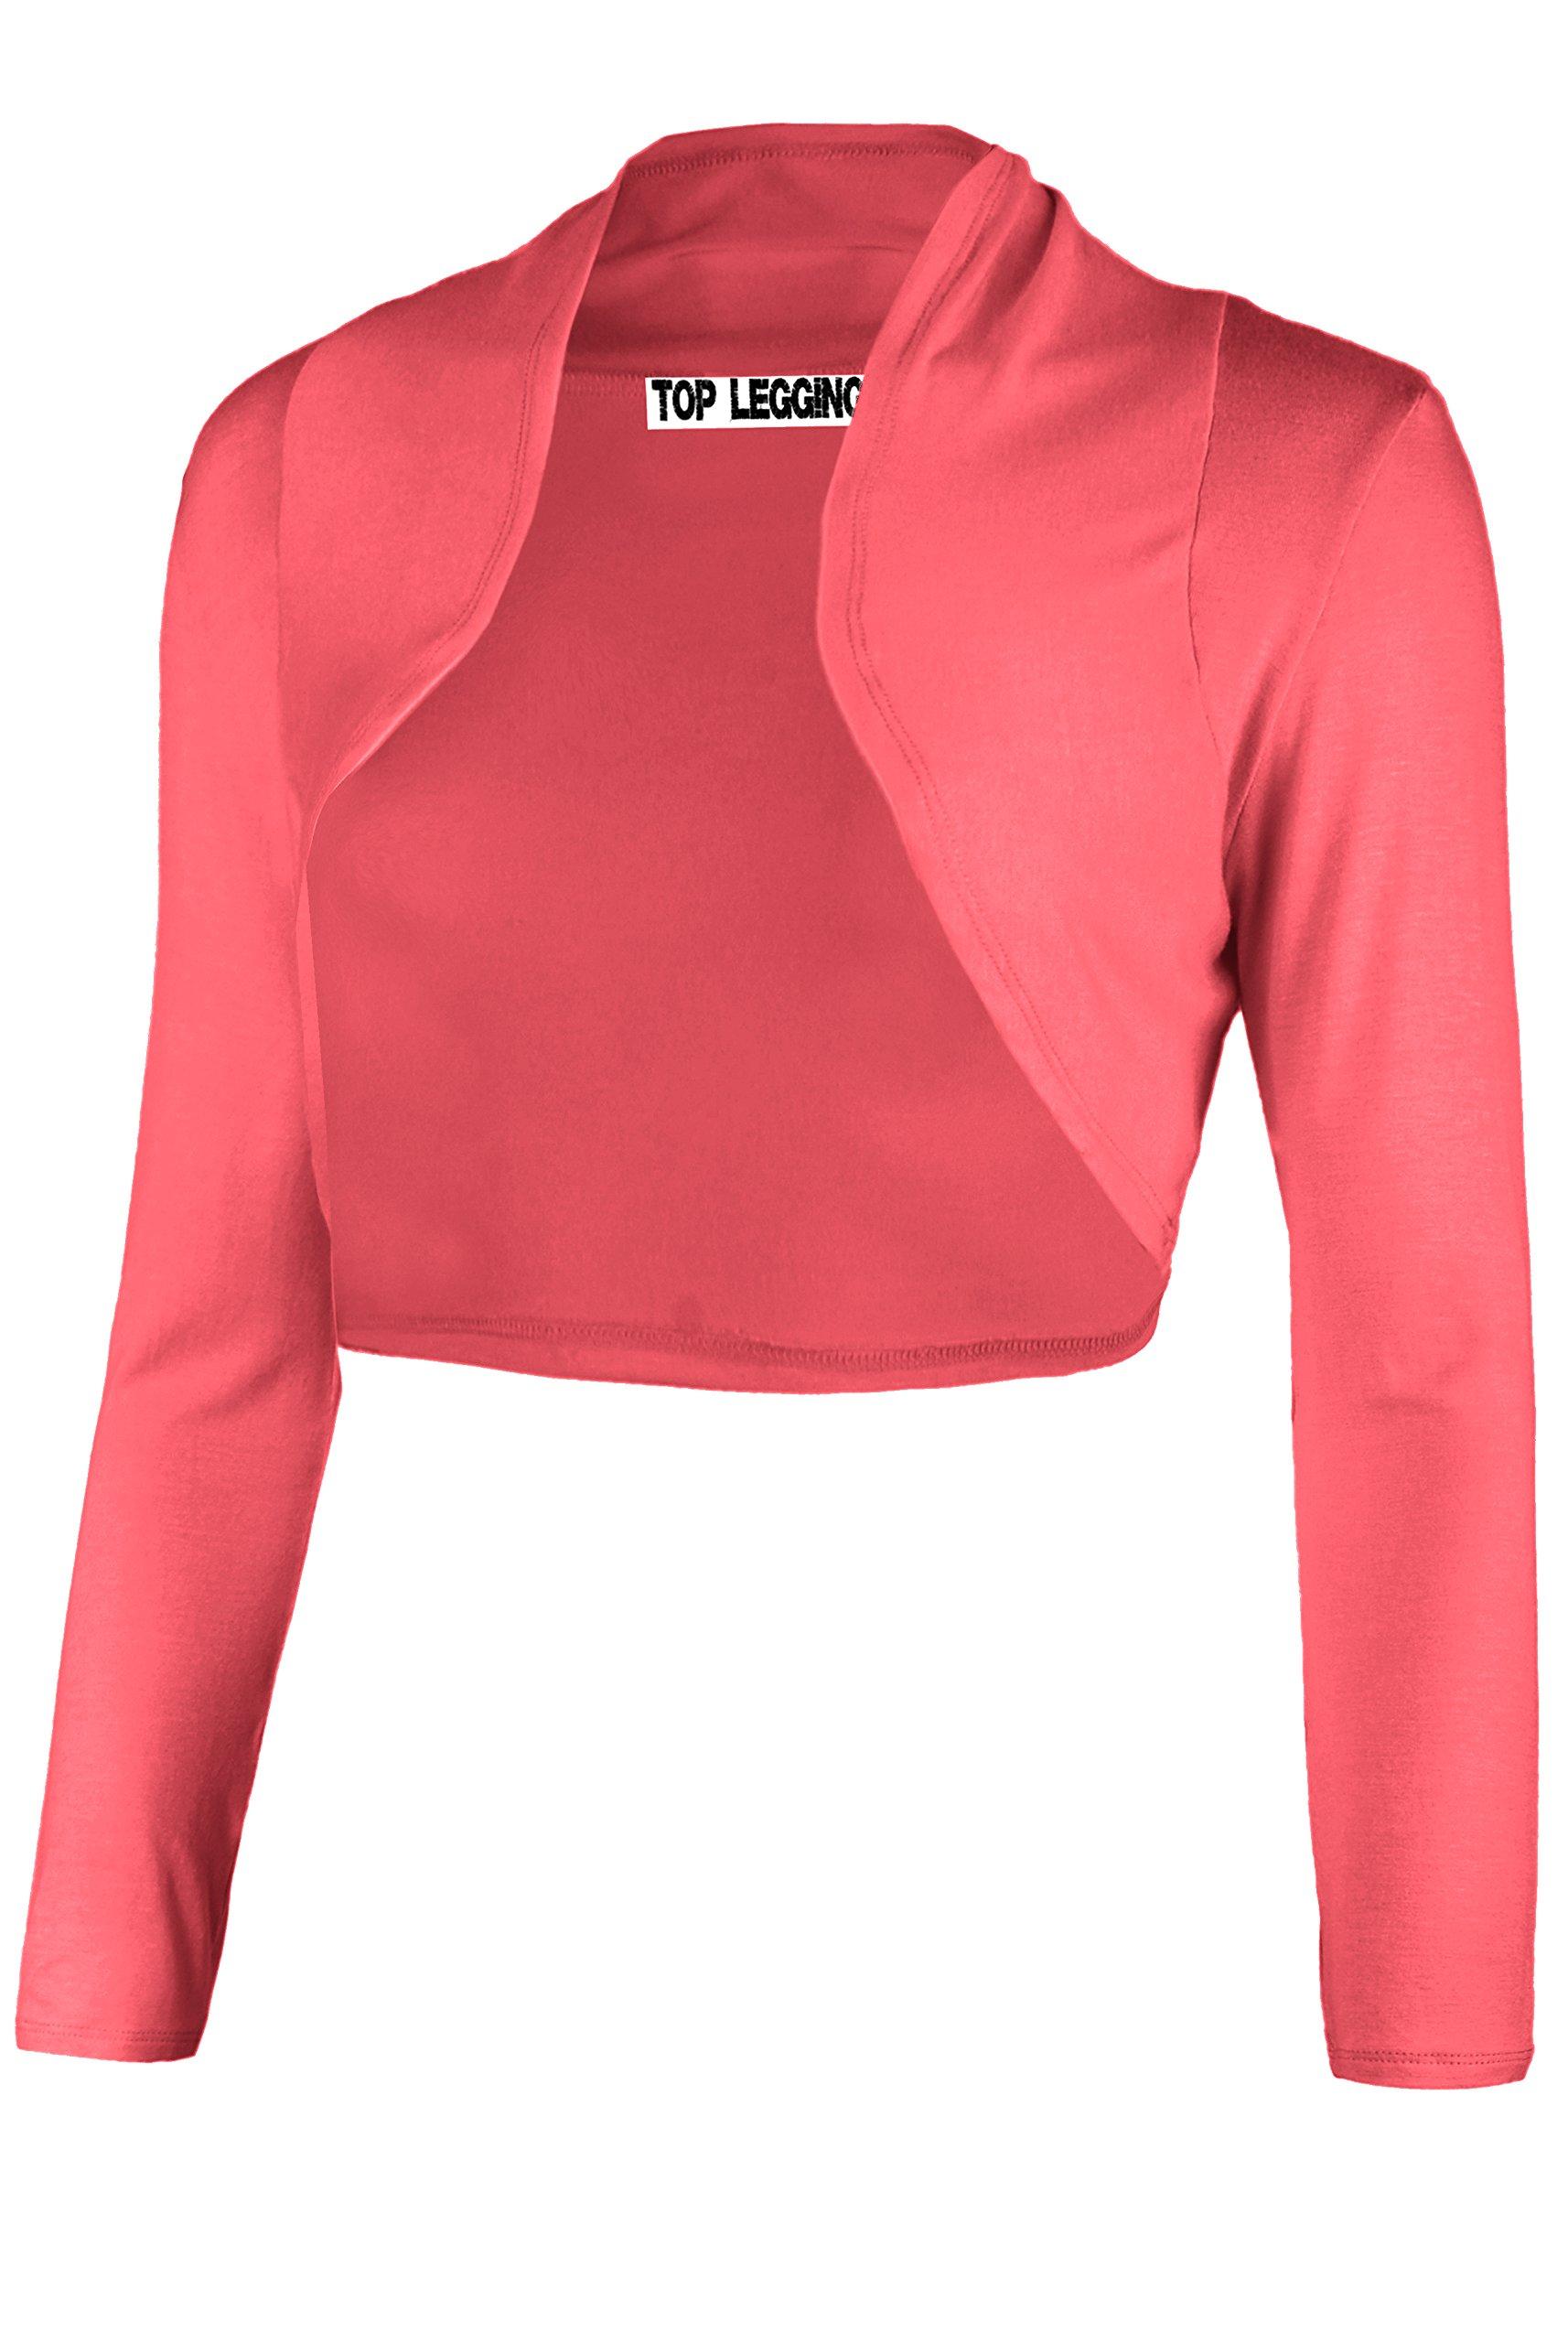 86f41467d8d Galleon - TL Women s Essential Comfy Versatile Bolero Shrug Cardigans In  Junior Plus Size 1S PARADISE PINK XL